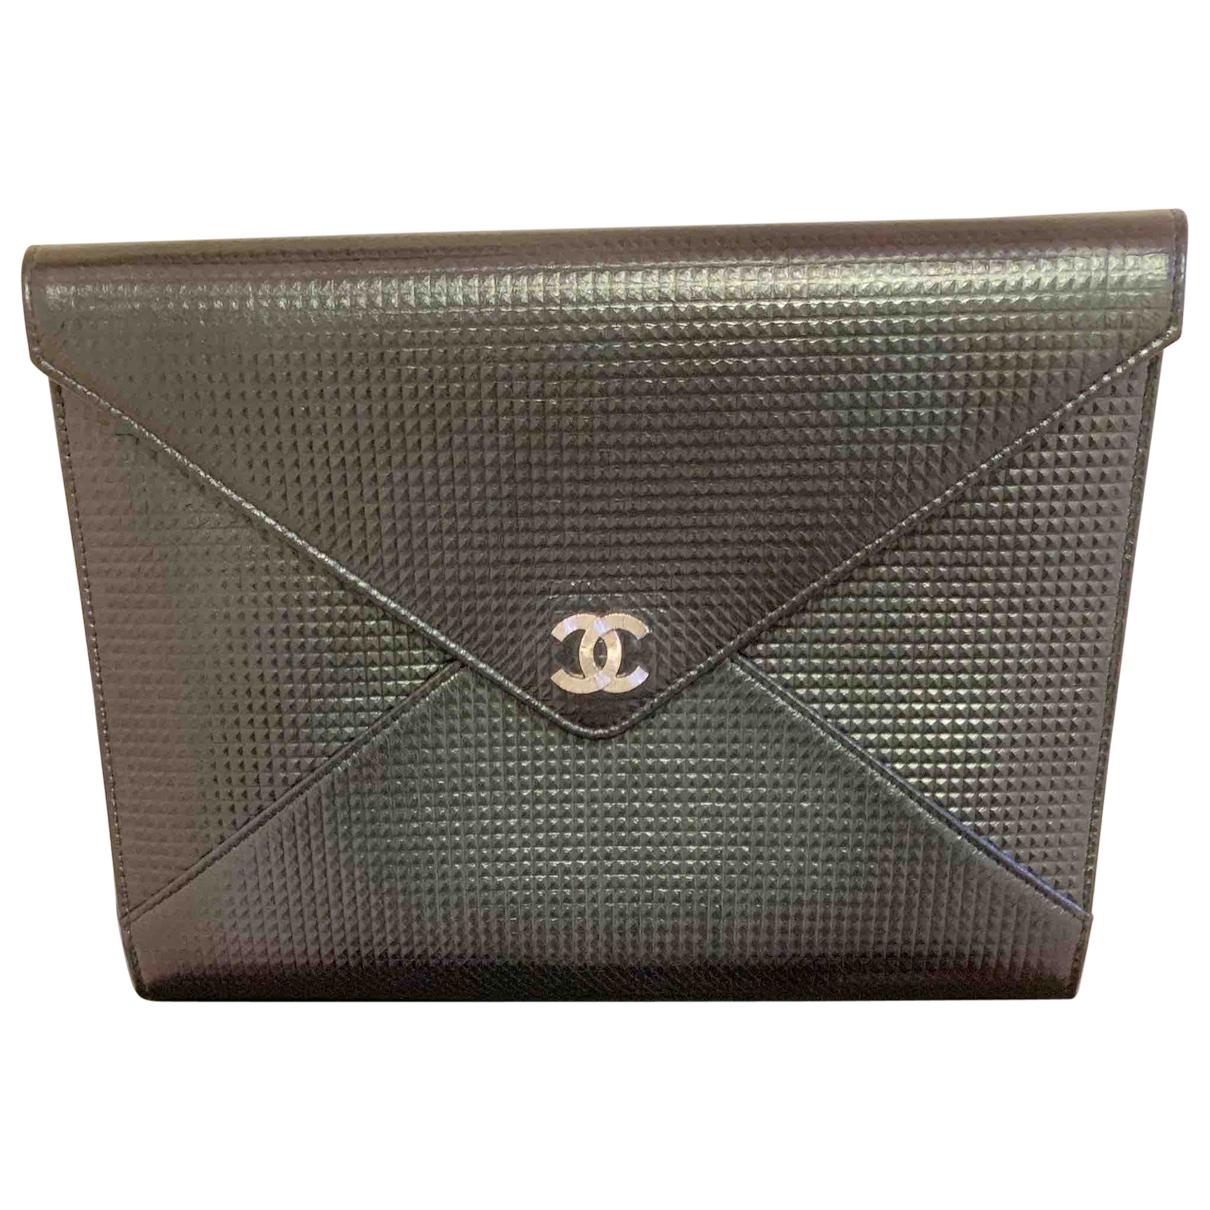 Chanel \N Clutch in  Gruen Leder